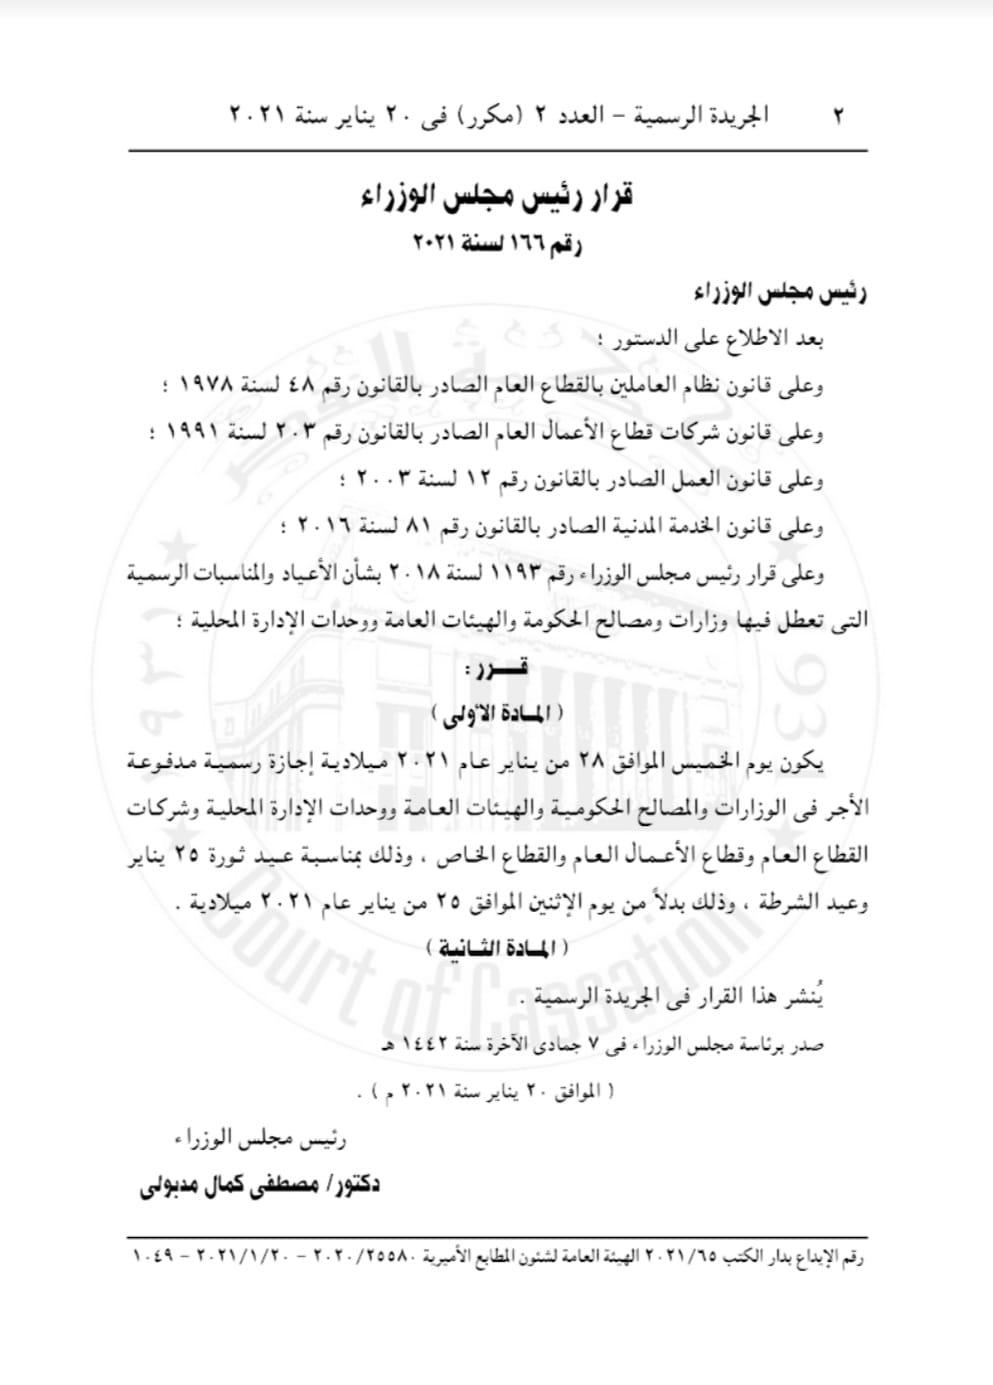 رسمياً.. رئيس الوزراء يعلن الخميس المقبل إجازة رسمية للقطاعين العام والخاص ونشر القرار بالجريدة الرسمية 2